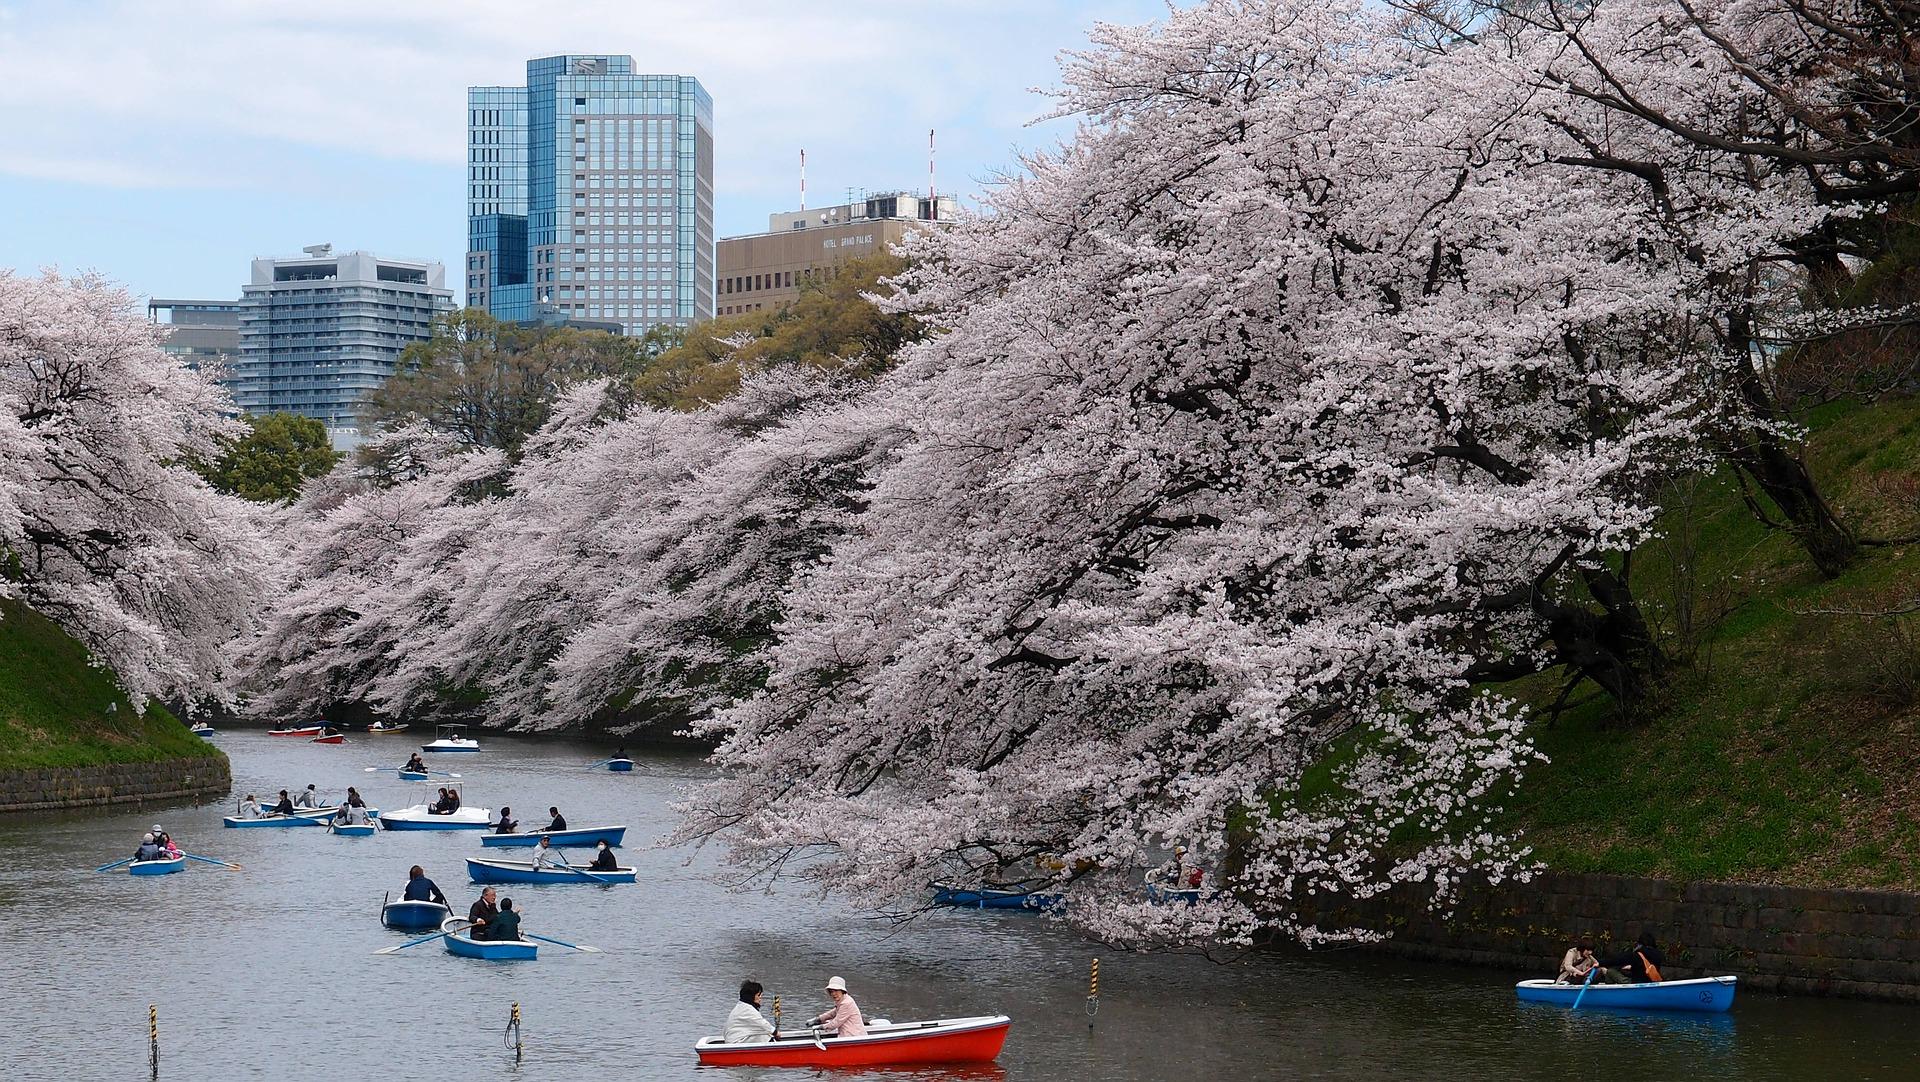 Kirschblüte in Tokio: Die fünf schönsten Orte und Hotspots zur Sakura - Kaiserpalast